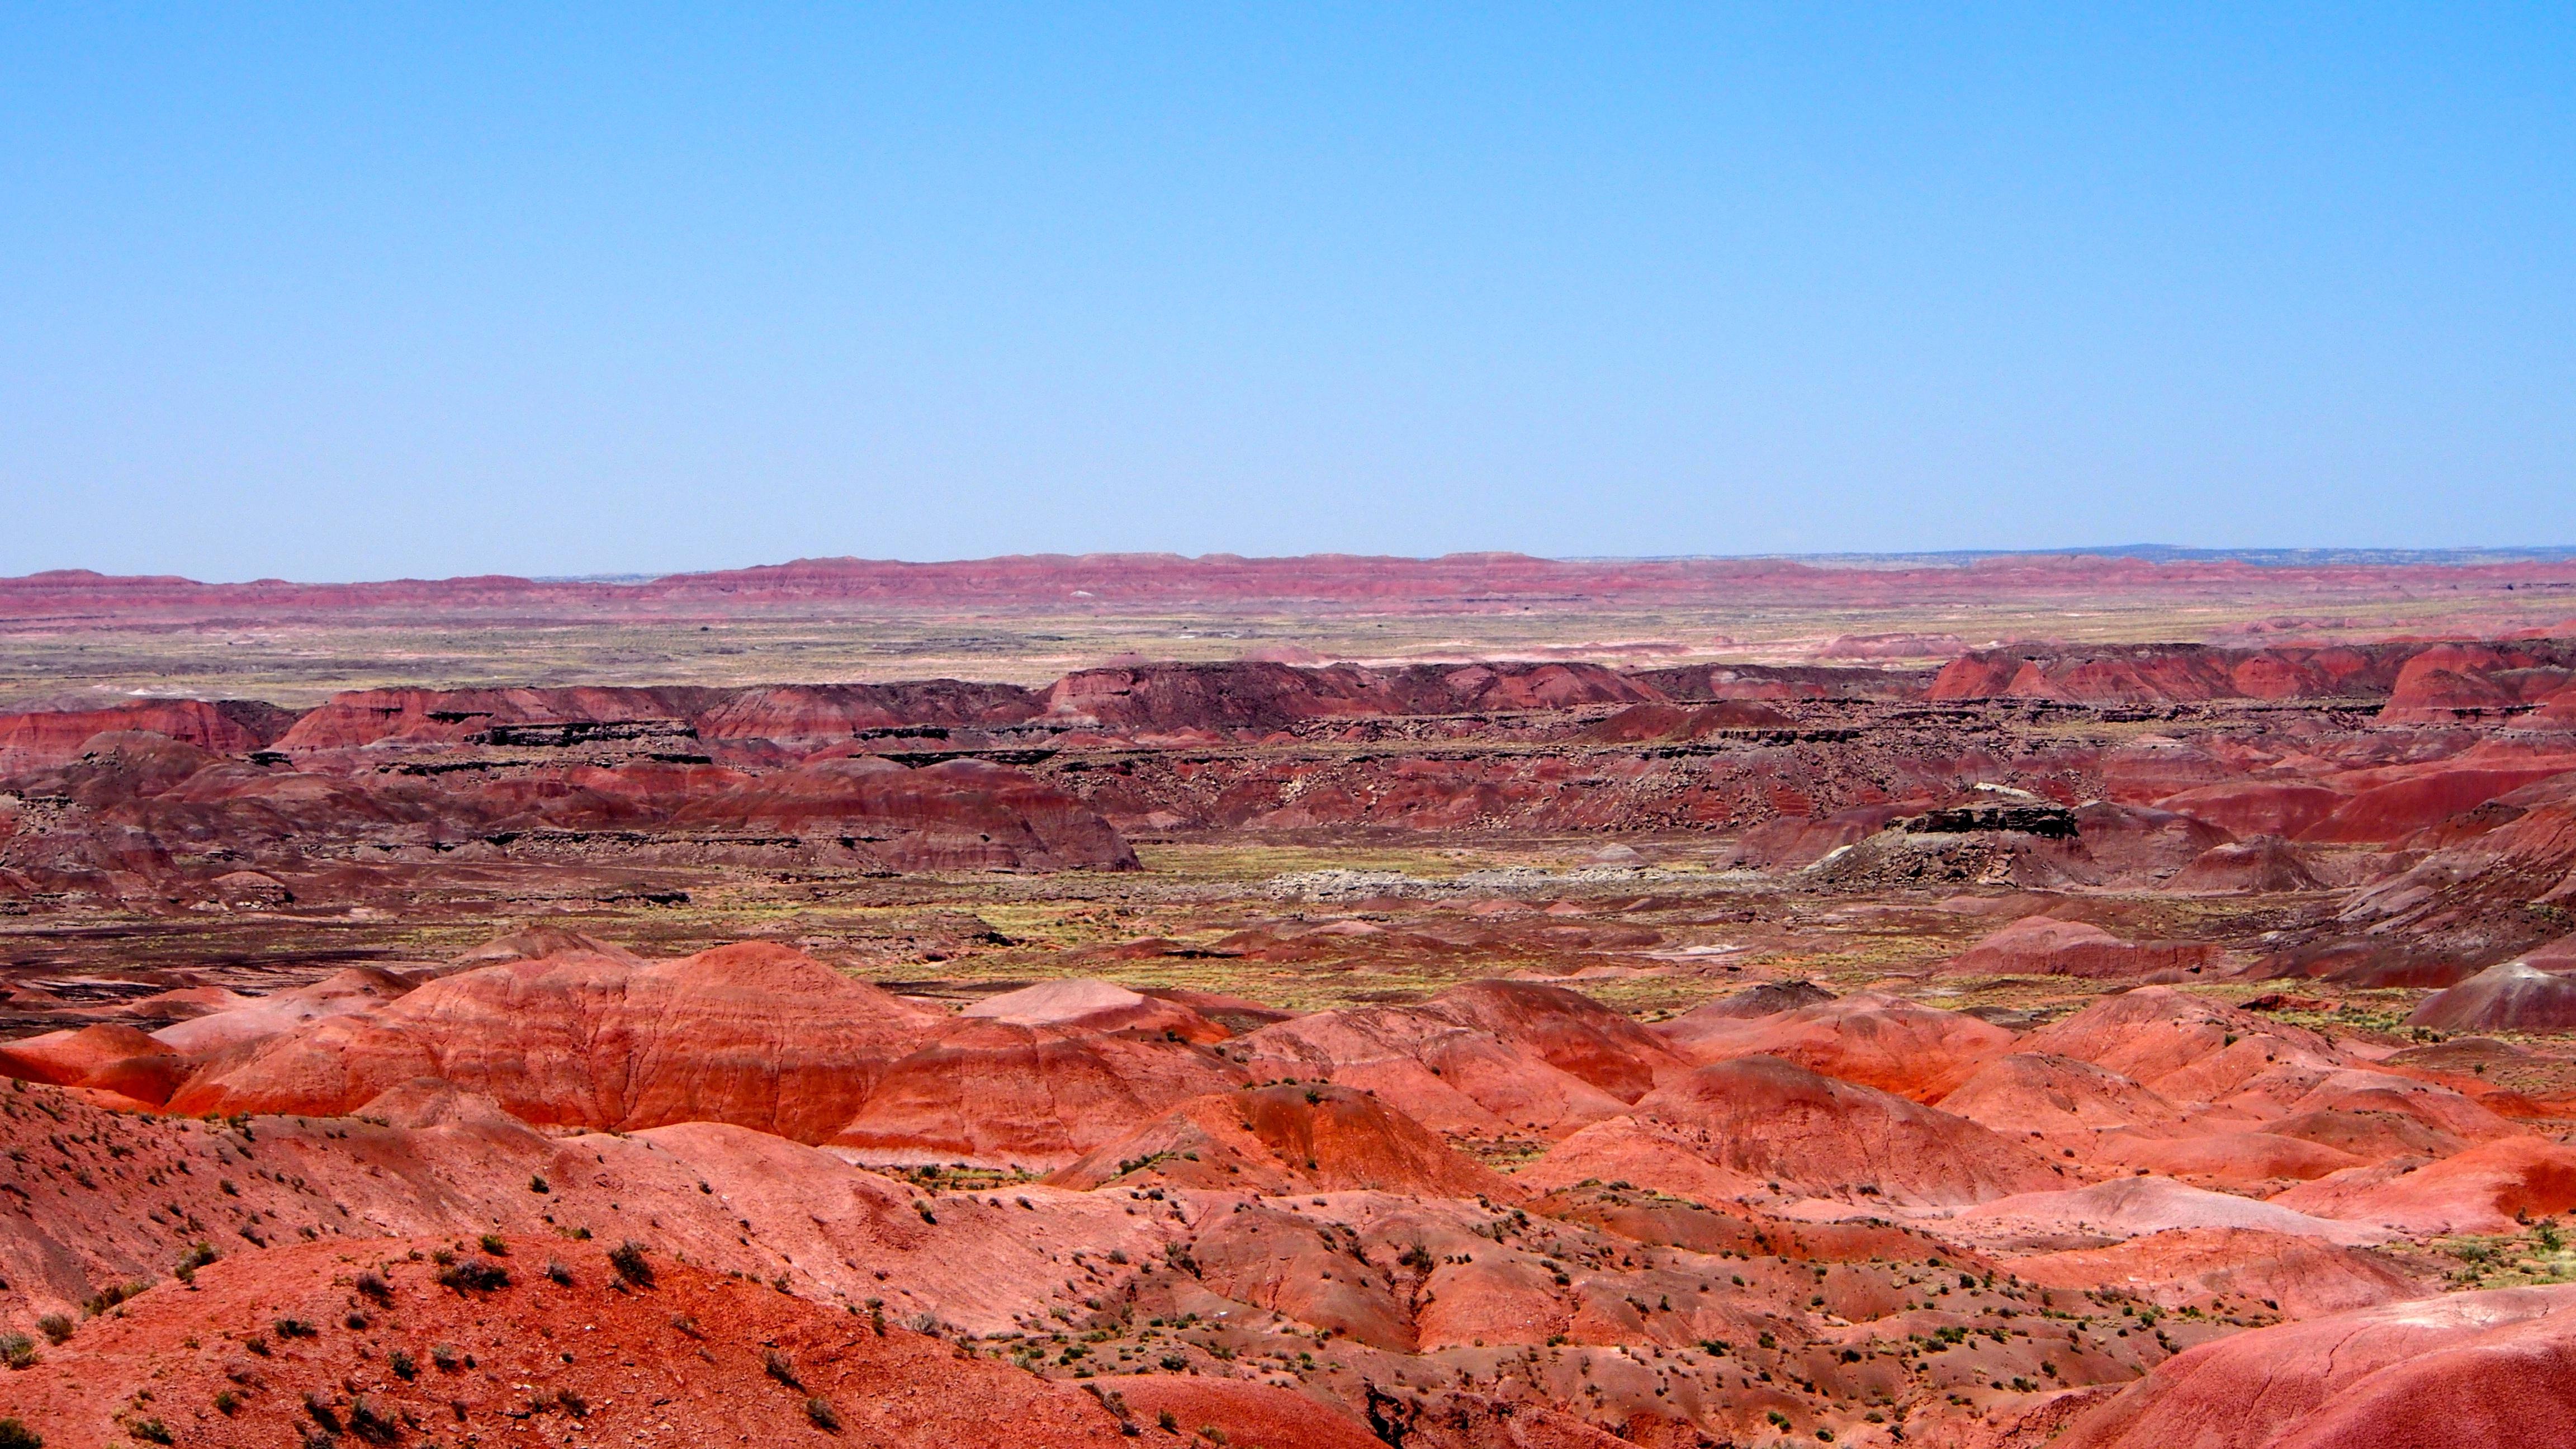 Landschaft Wildnis Bildung Landschaft Amerika Boden Schlucht Ebene Arizona  Geologie Ödland Plateau Gemalt Südwesten Wadi Butte